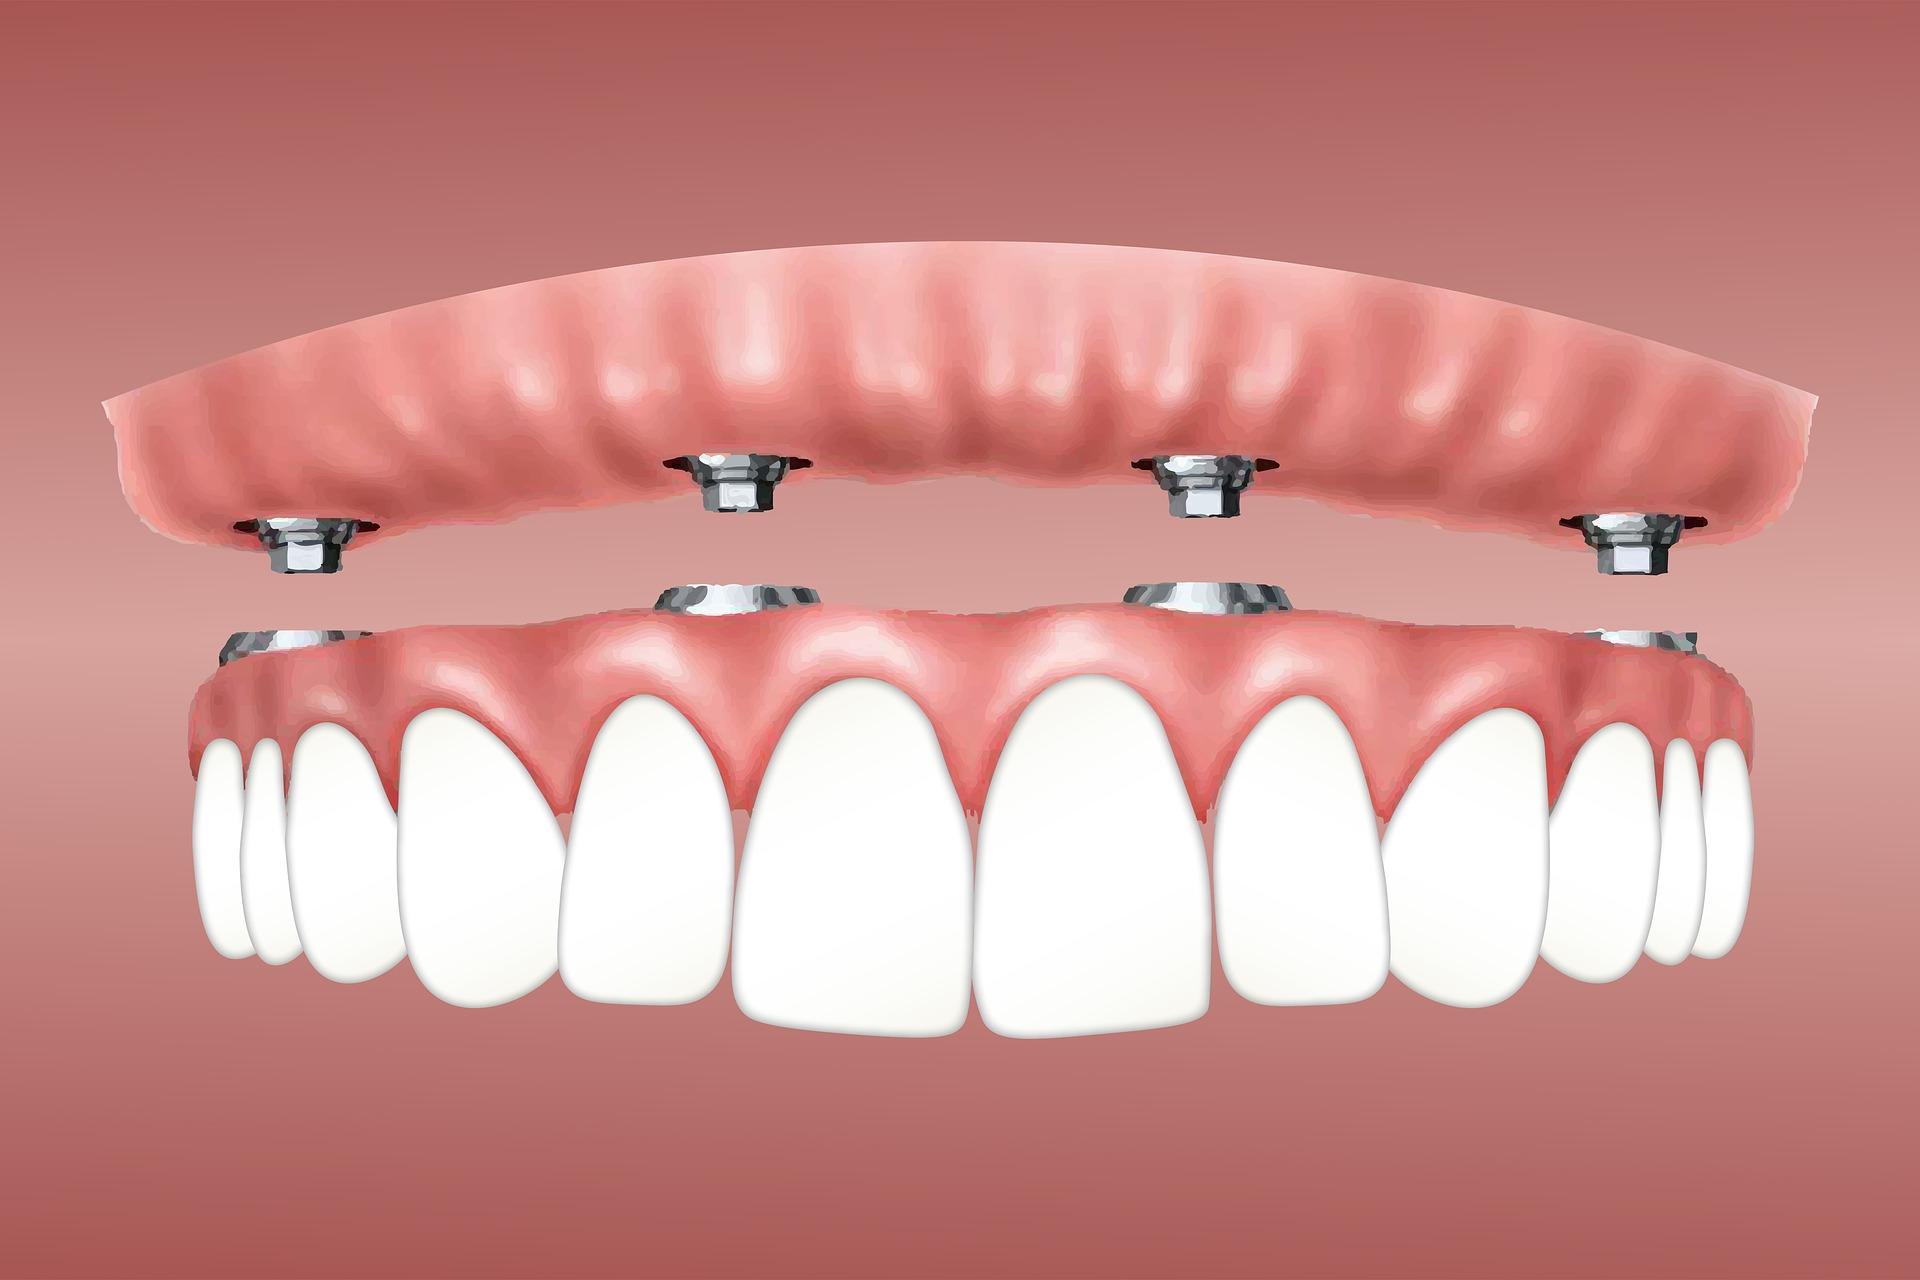 Procedimiento y fases de un implante dental